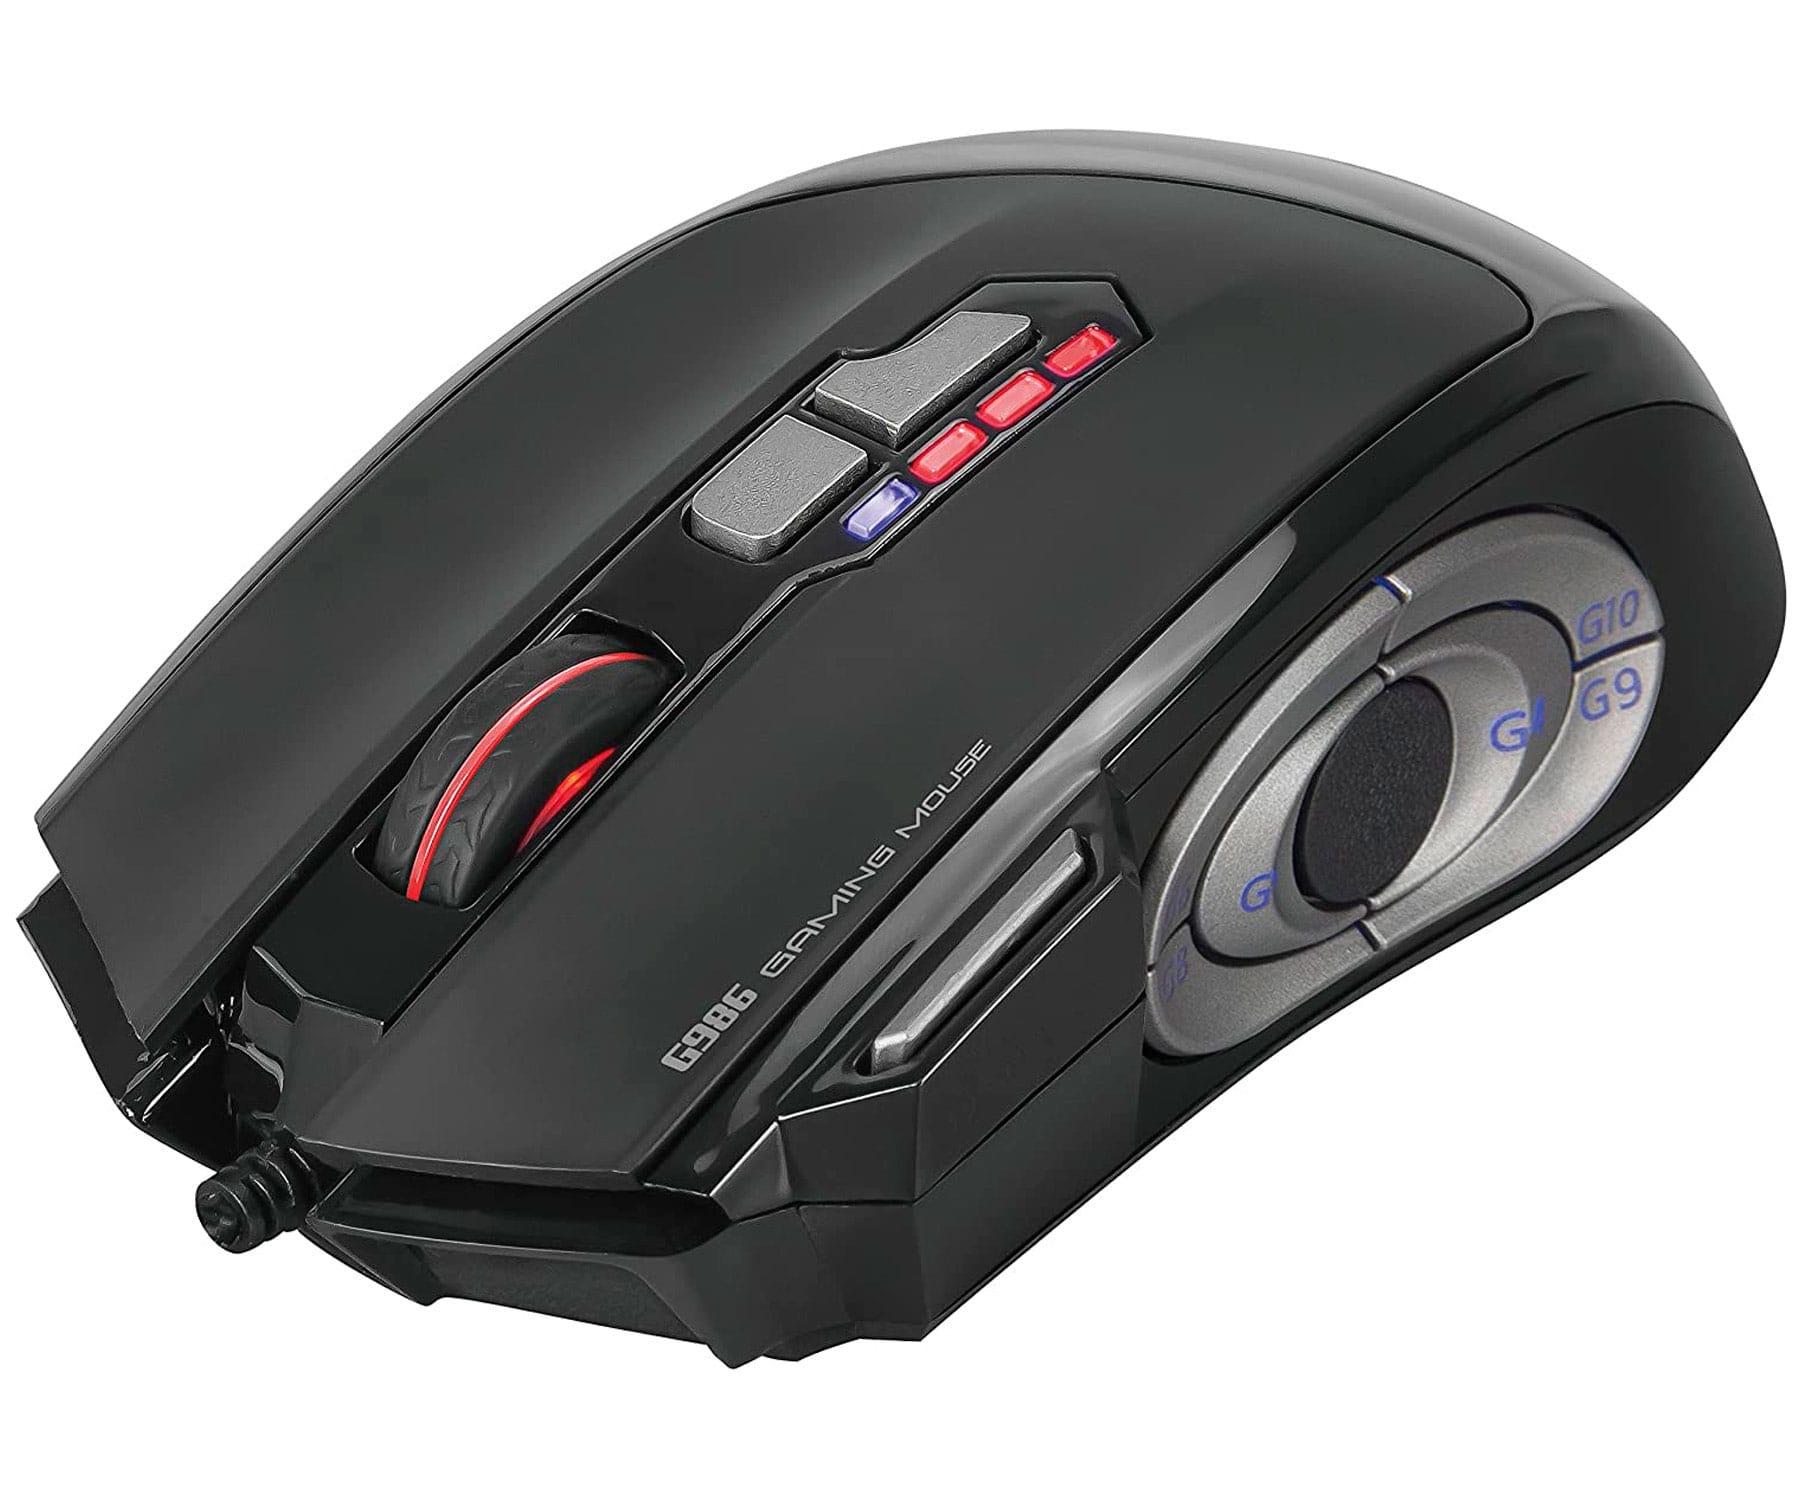 SCORPION G986 NEGRO RATÓN GAMING LED RGB USB 12 BOTONES 8000 DPI